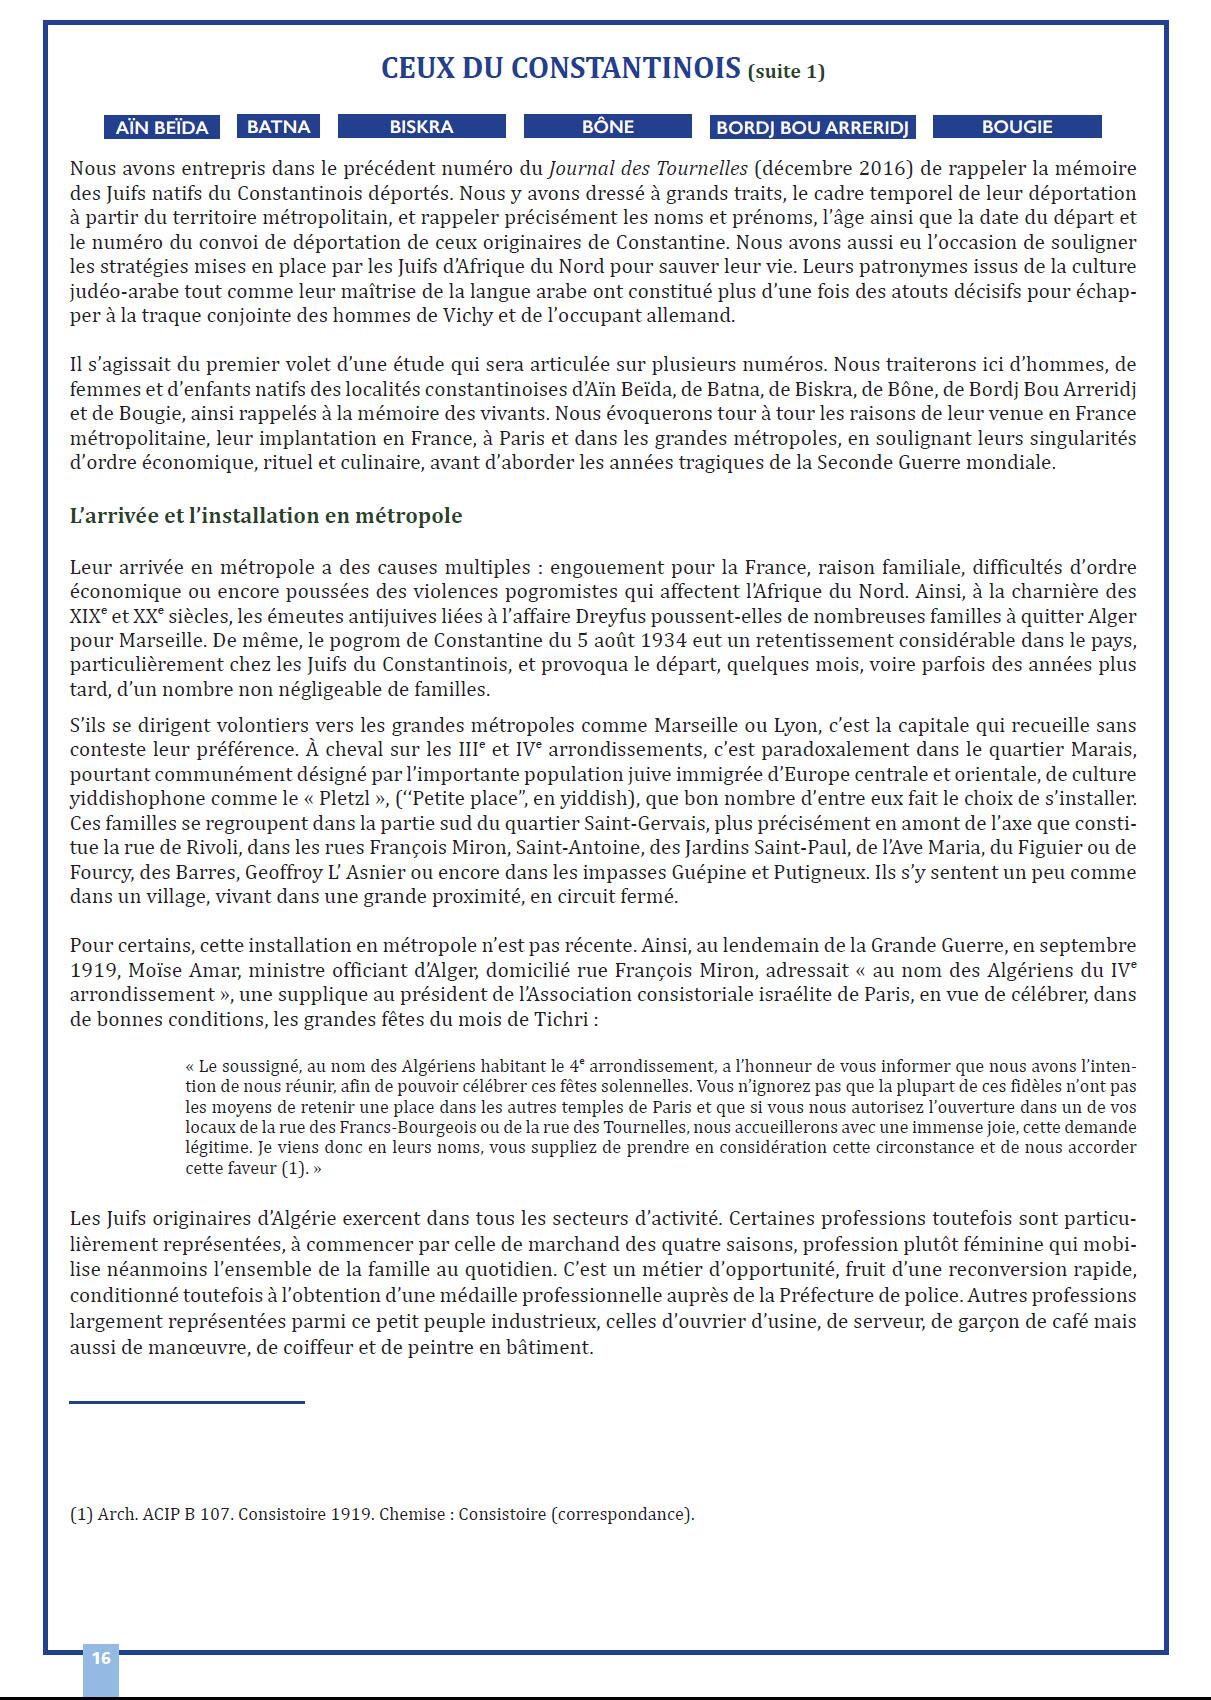 Jean laloum 2 page 2